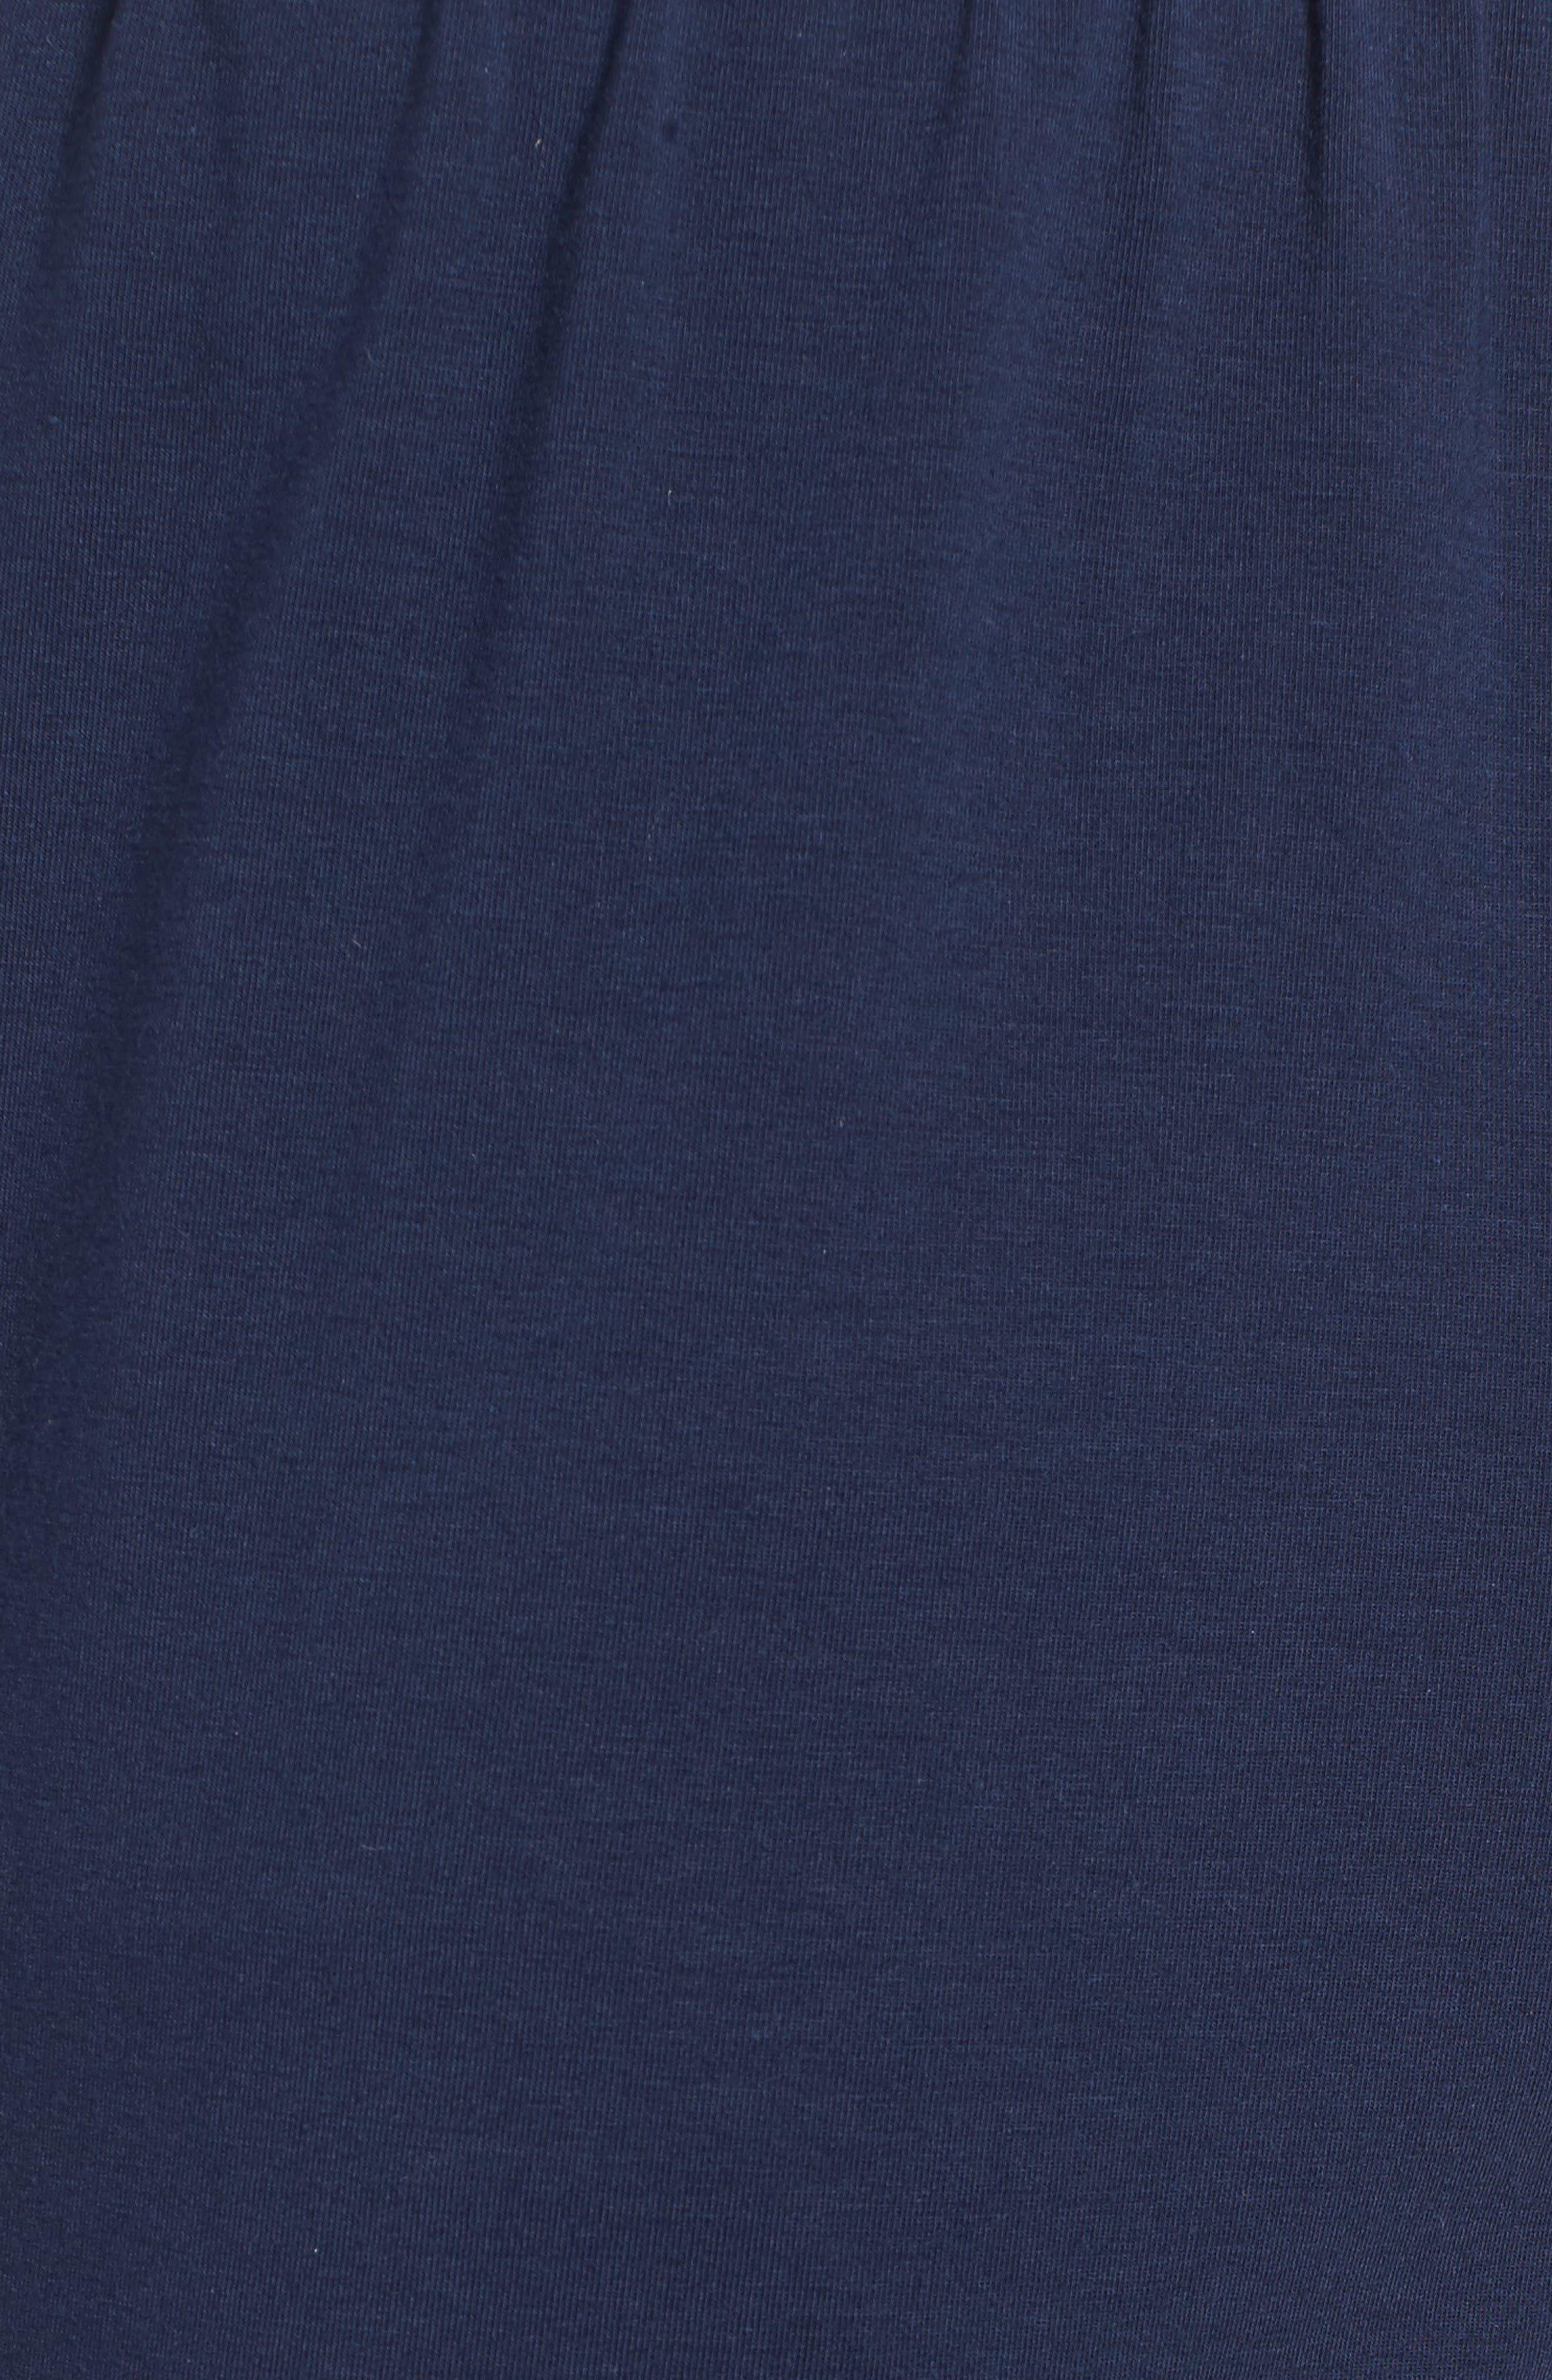 Alternate Image 5  - Nordstrom Men's Shop Micromodal Blend Lounge Pants